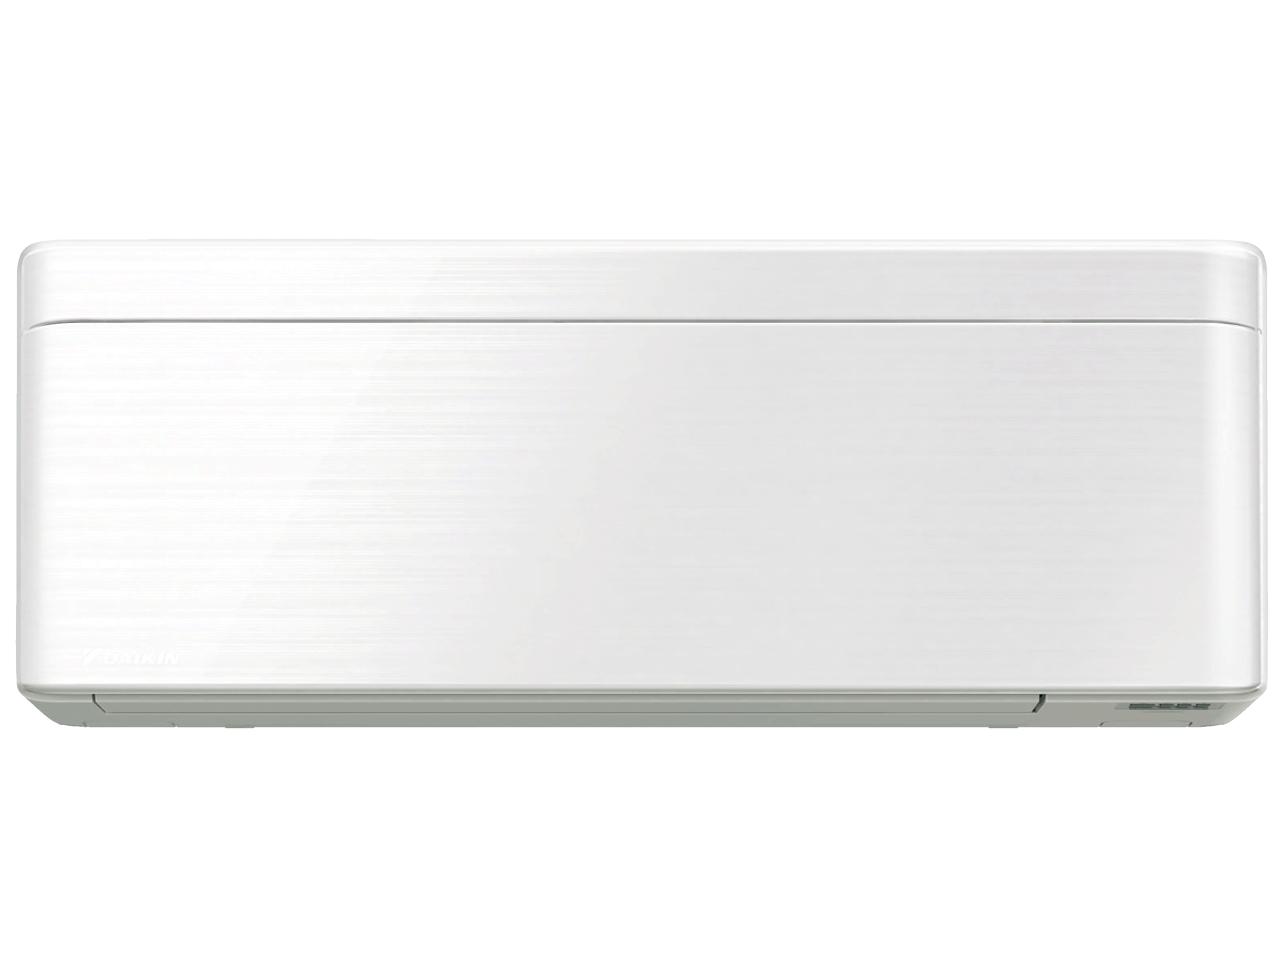 ダイキン S28WTSXS-W 19年モデル SXシリーズ 【100V用】10畳用冷暖房除湿エアコン